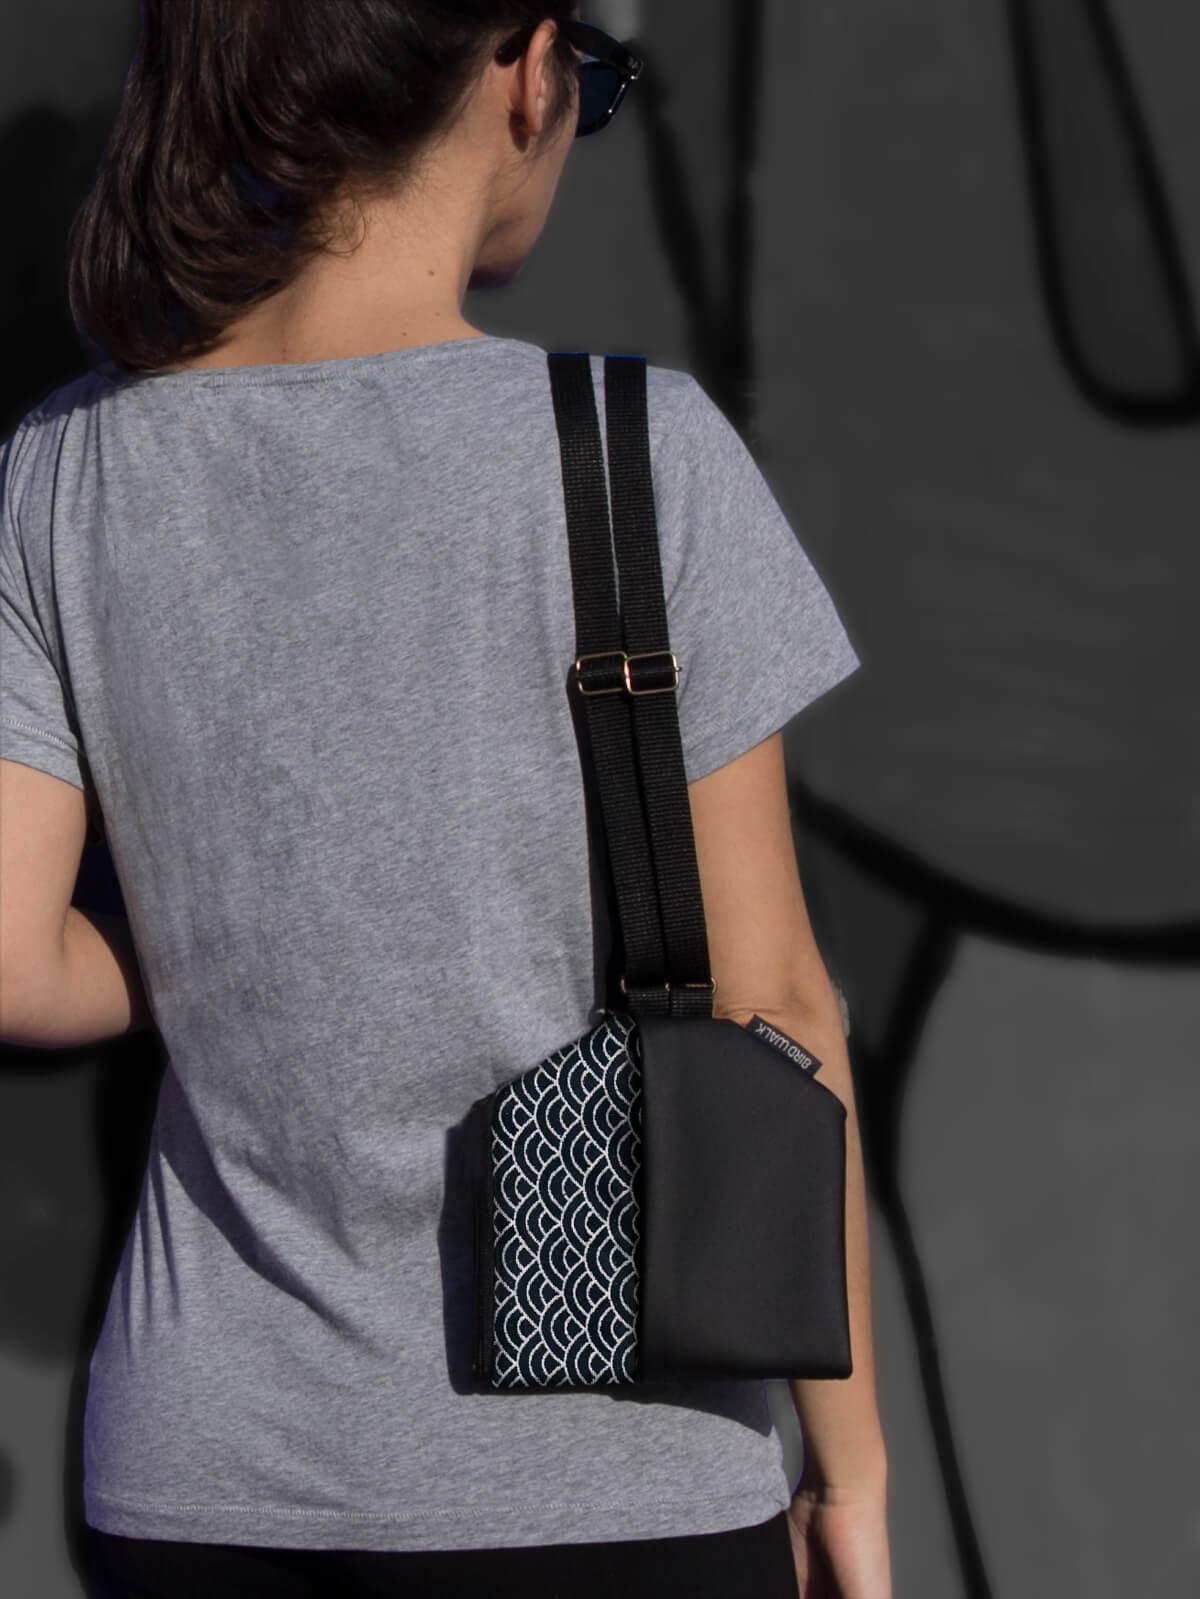 mala de ombro conversível em mochila made in Portugal